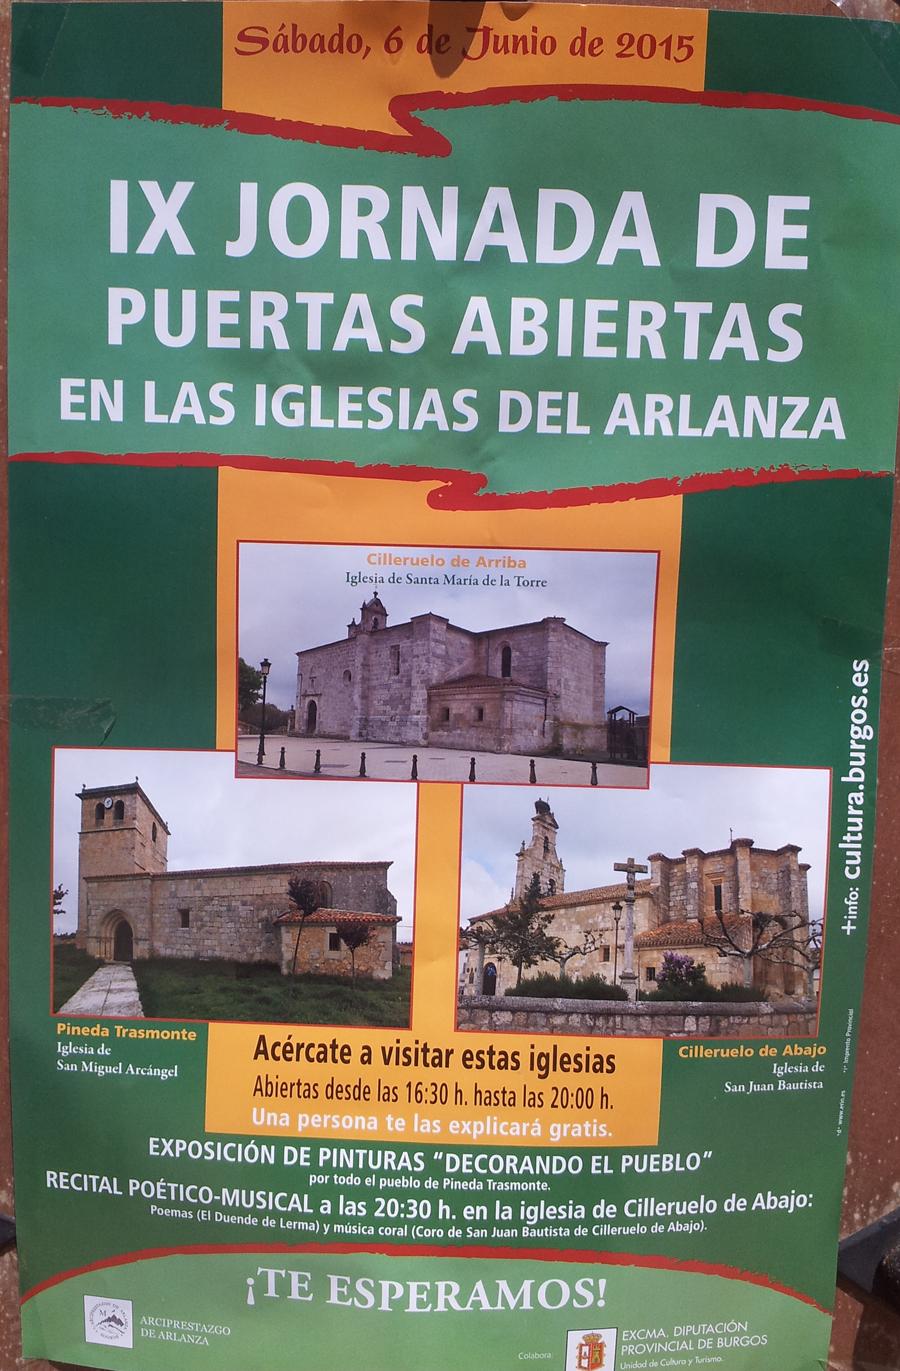 Jornada de Puertas Abiertas Iglesias del Arlanza 2015